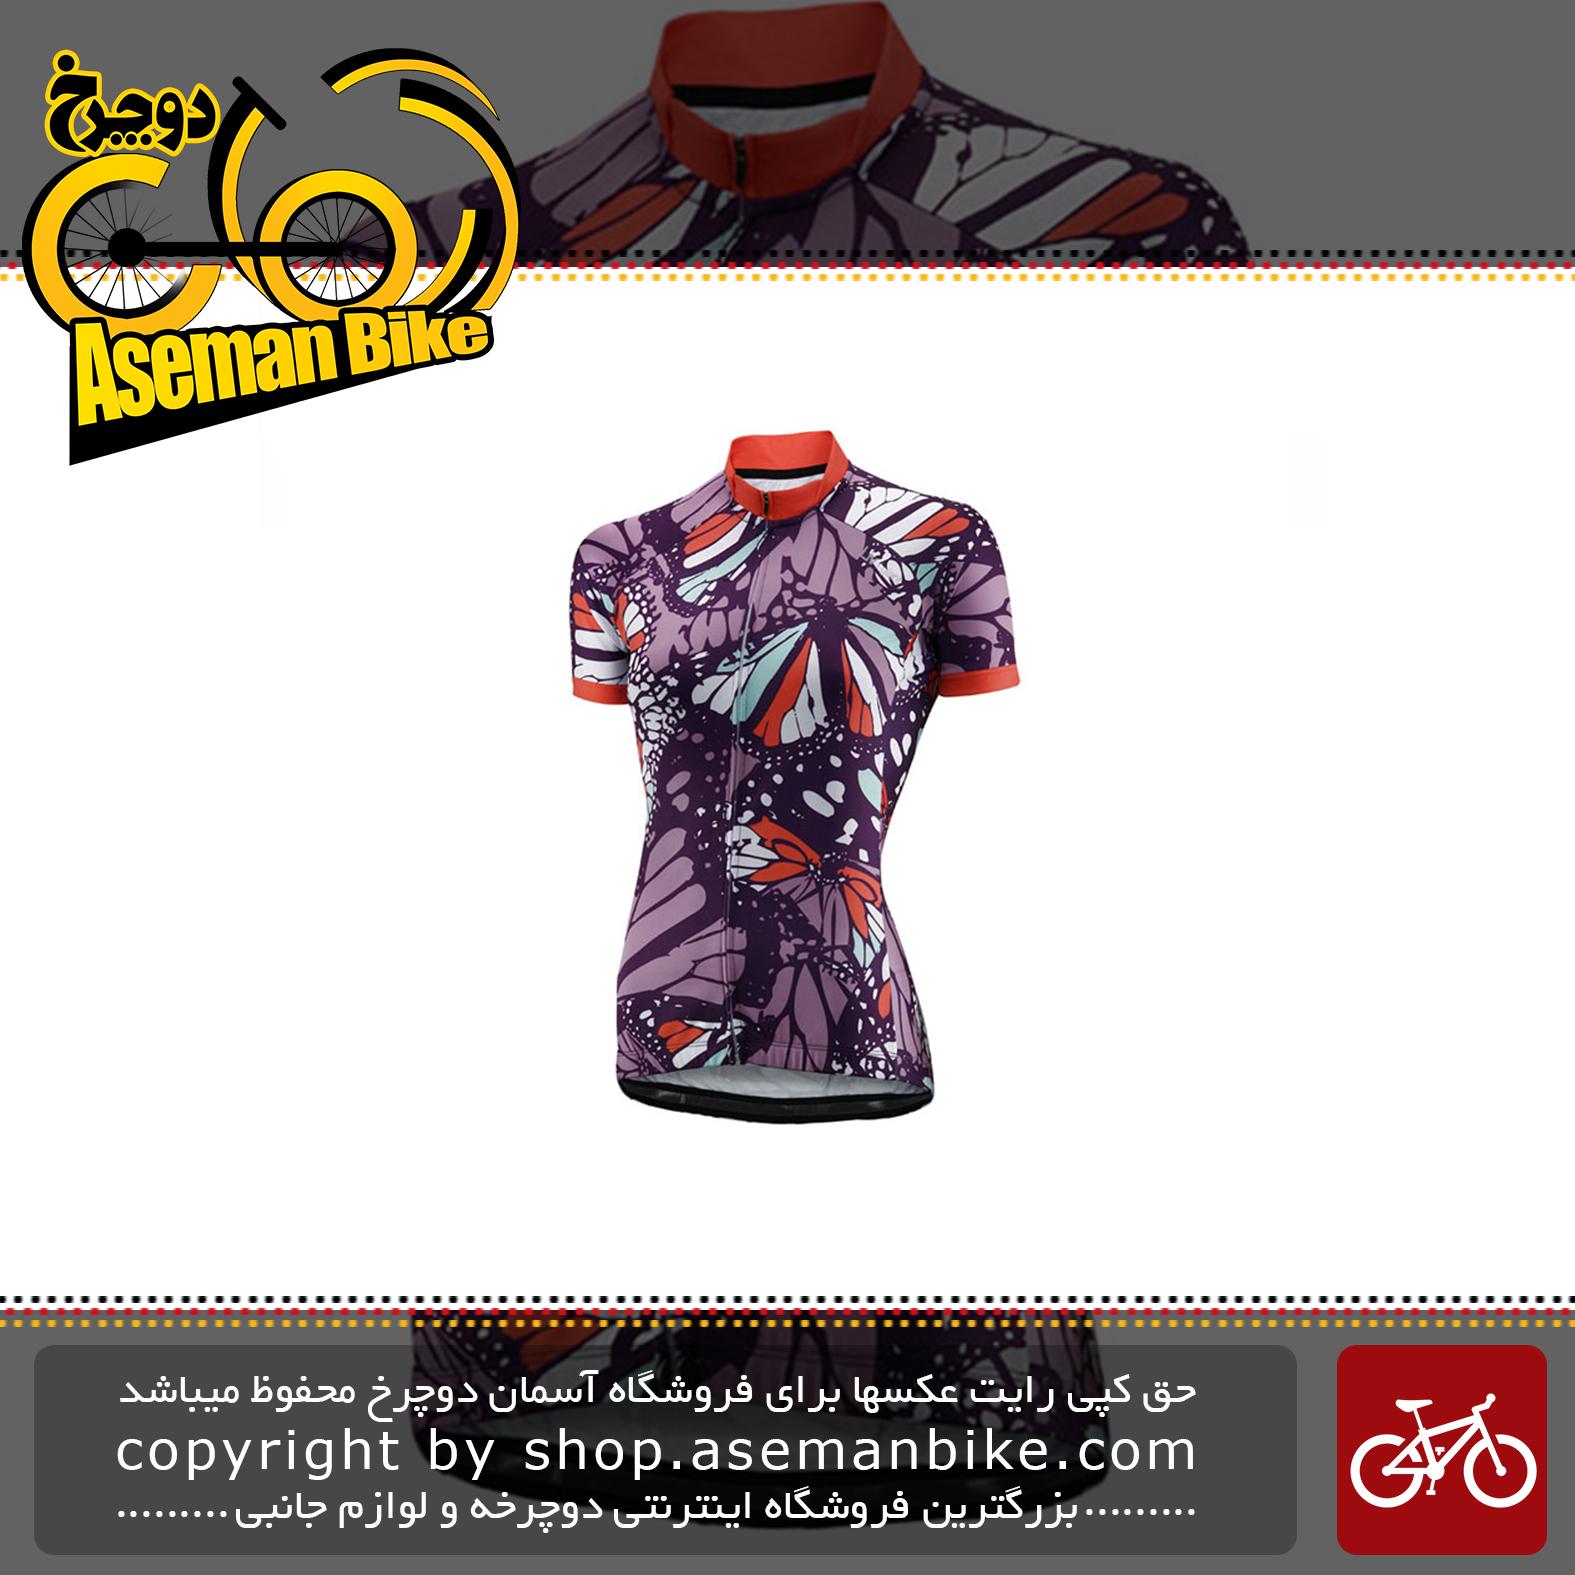 تی شرت زیپ دار لیو مدل سیگناتور کیت اس اس جرسیGiant Signature Kit SS Jersey